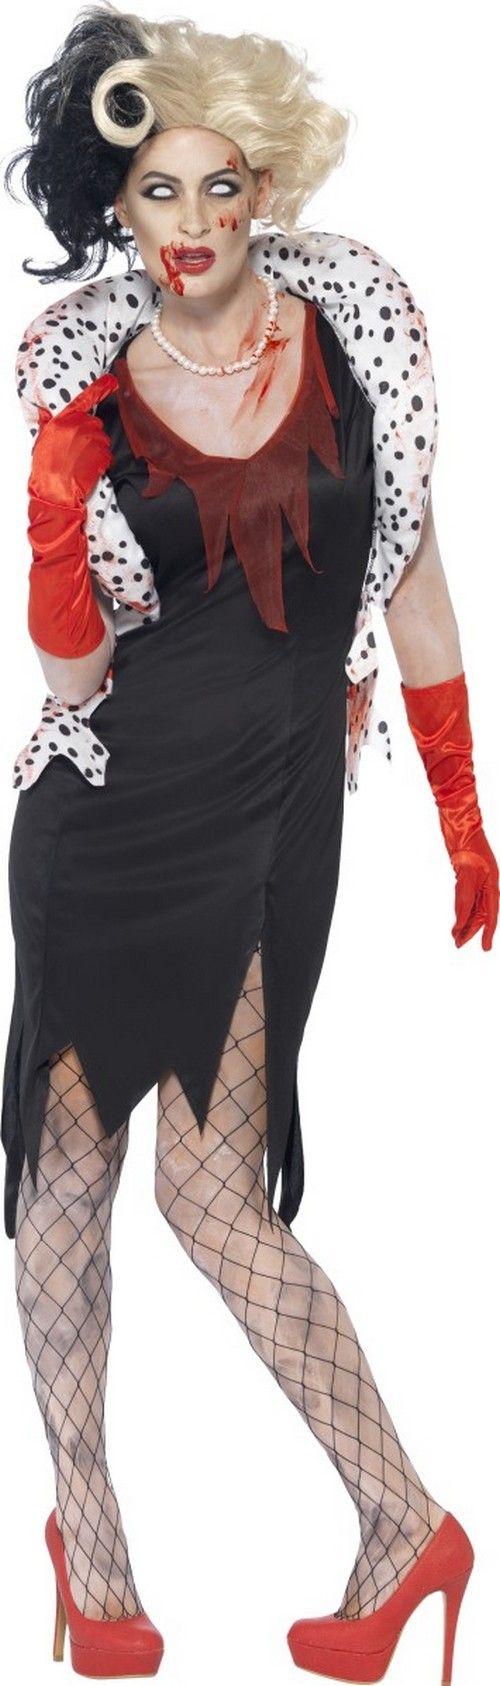 Déguisement zombie dame cruelle femme Halloween : Ce déguisement de dame zombie cruelle se compose d'une robe, d'un boléro, de gants et d'un collier (perruque, lentilles, collants et chaussures non inclus).La robe...